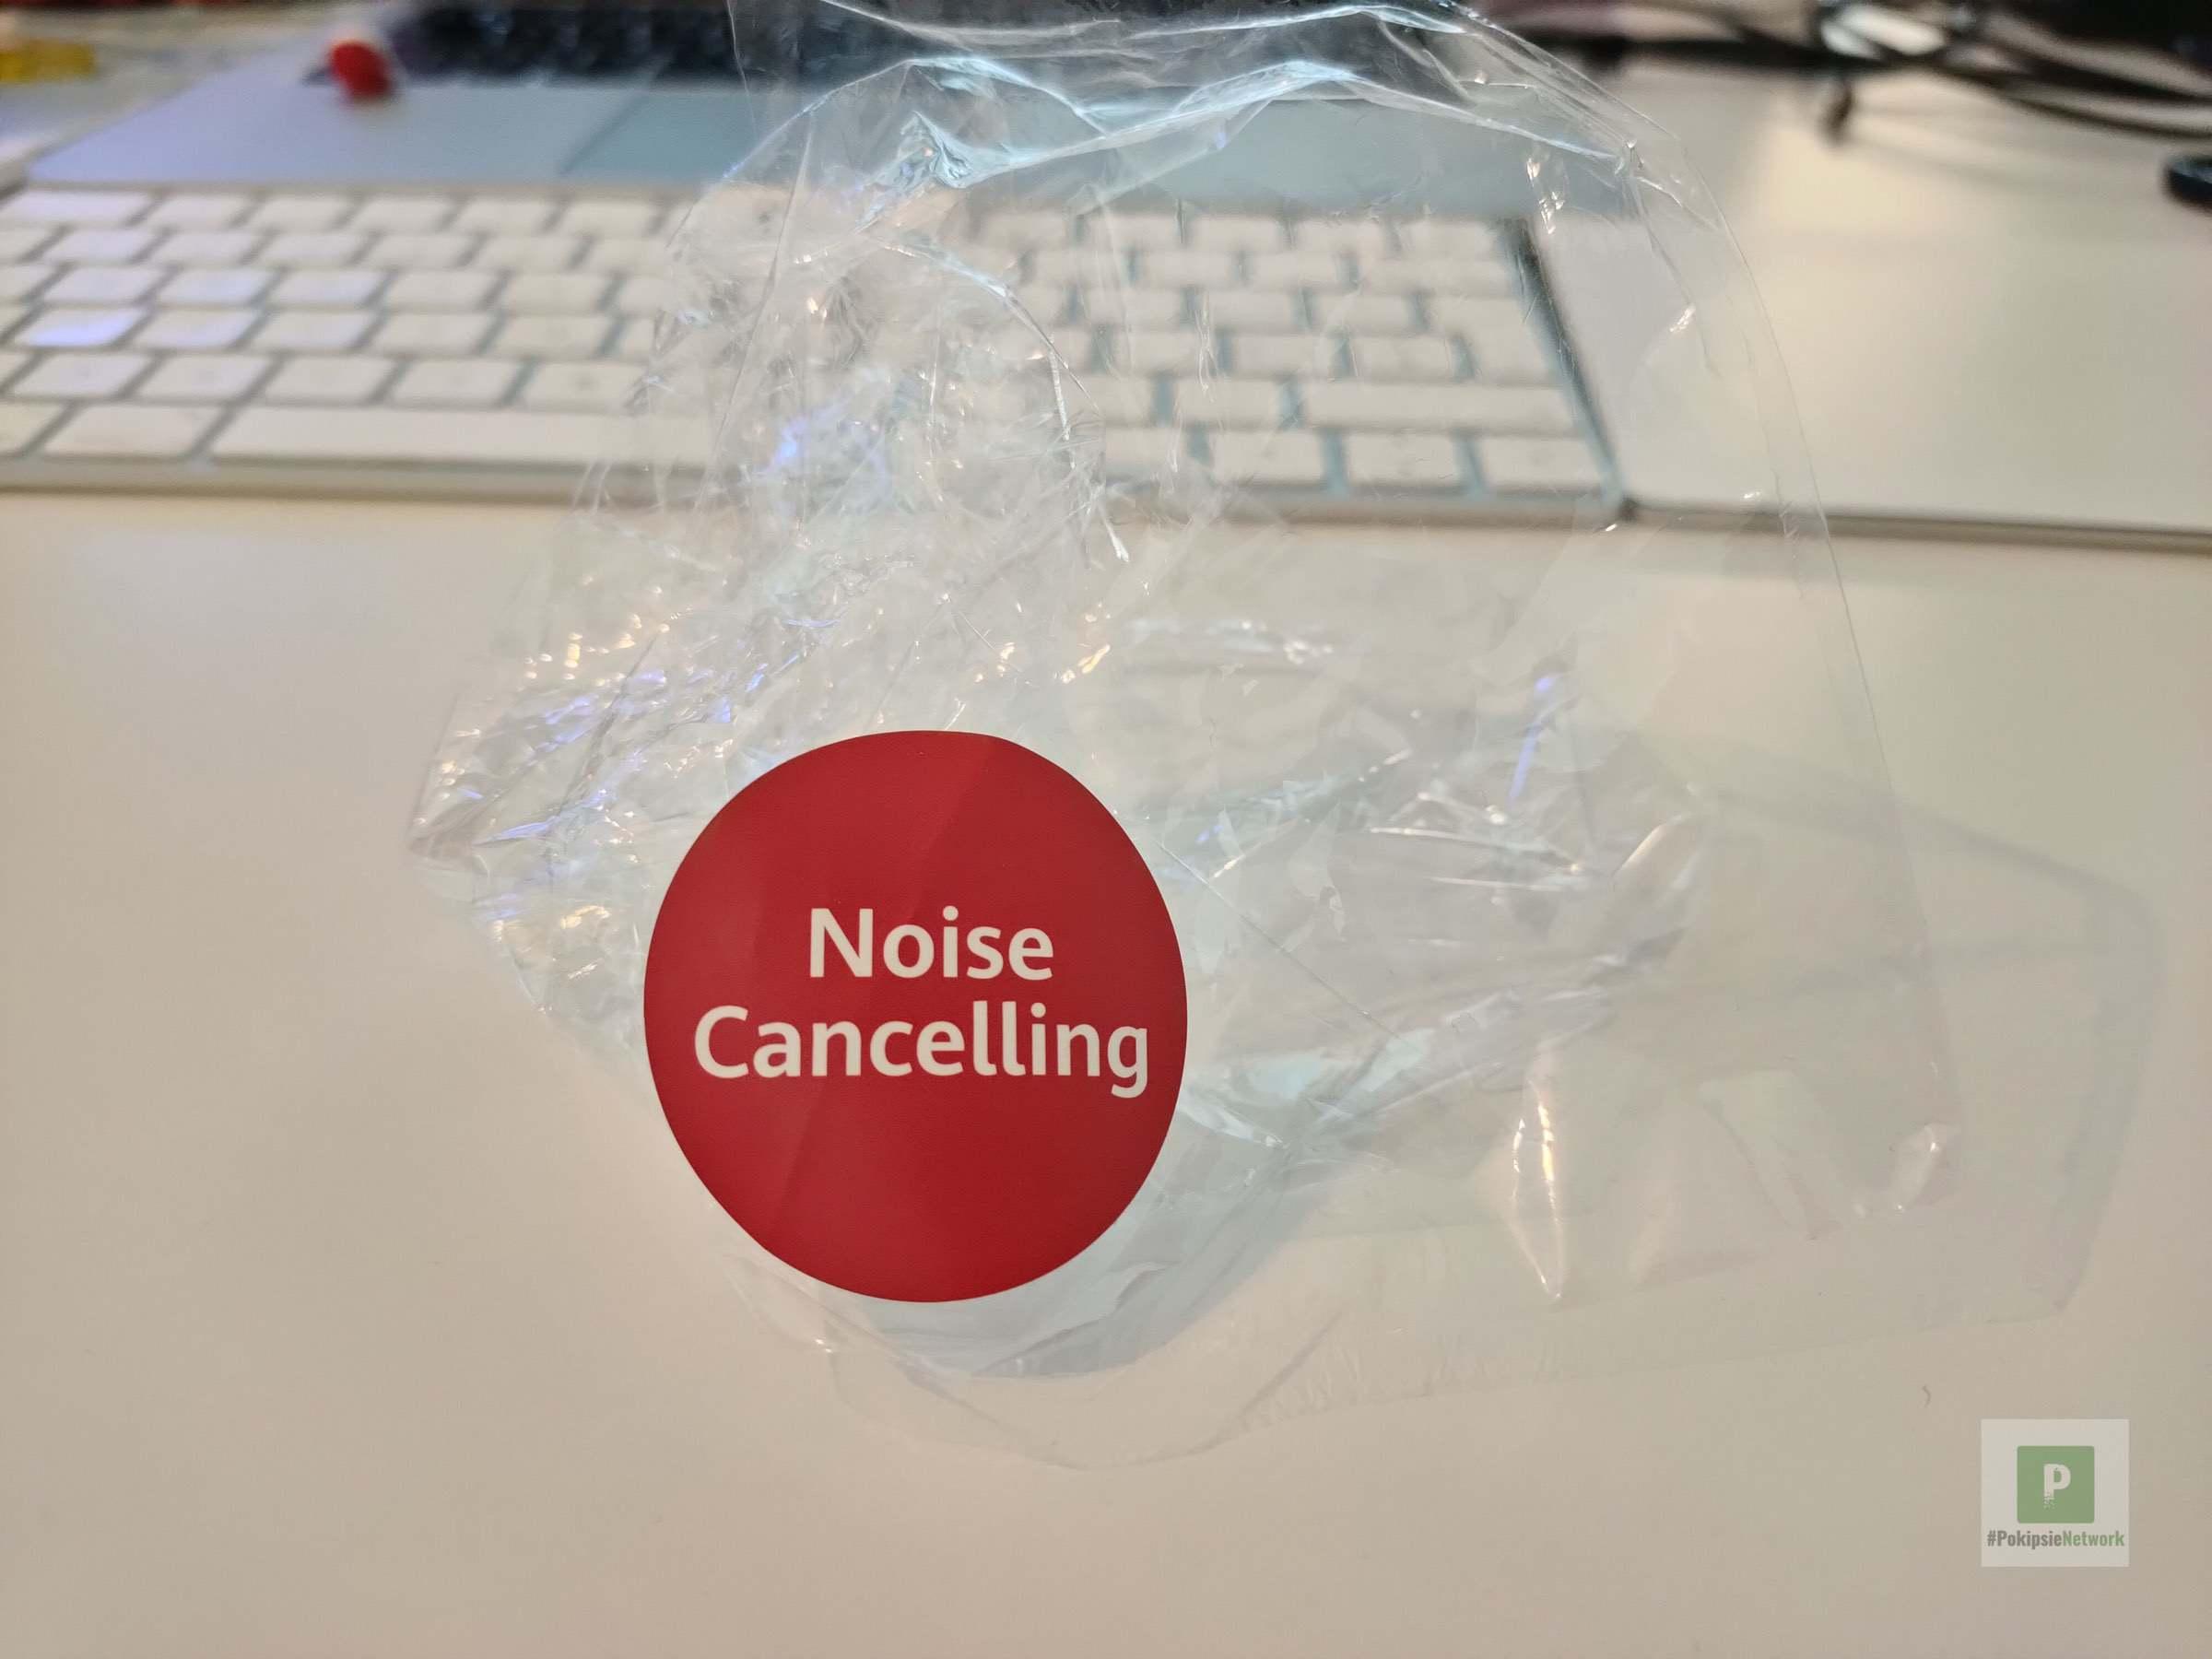 Das war es mit Noise Cancelling